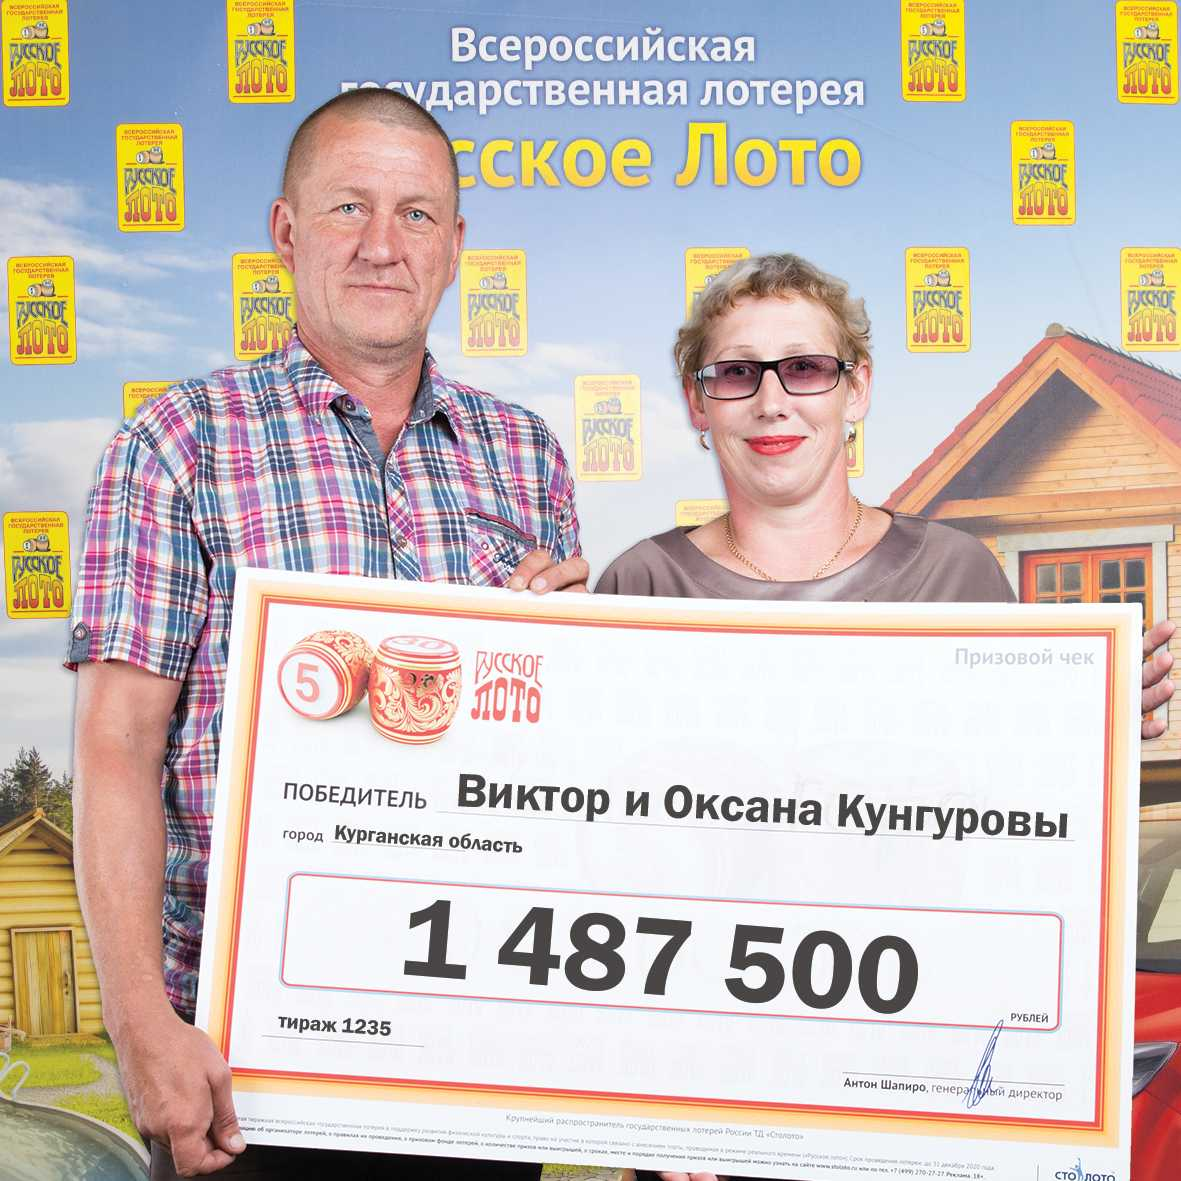 Zagraniczne loterie dla Rosjan: jak kupować i grać w zagraniczne loterie bez oszukiwania + 5 najlepsze loterie